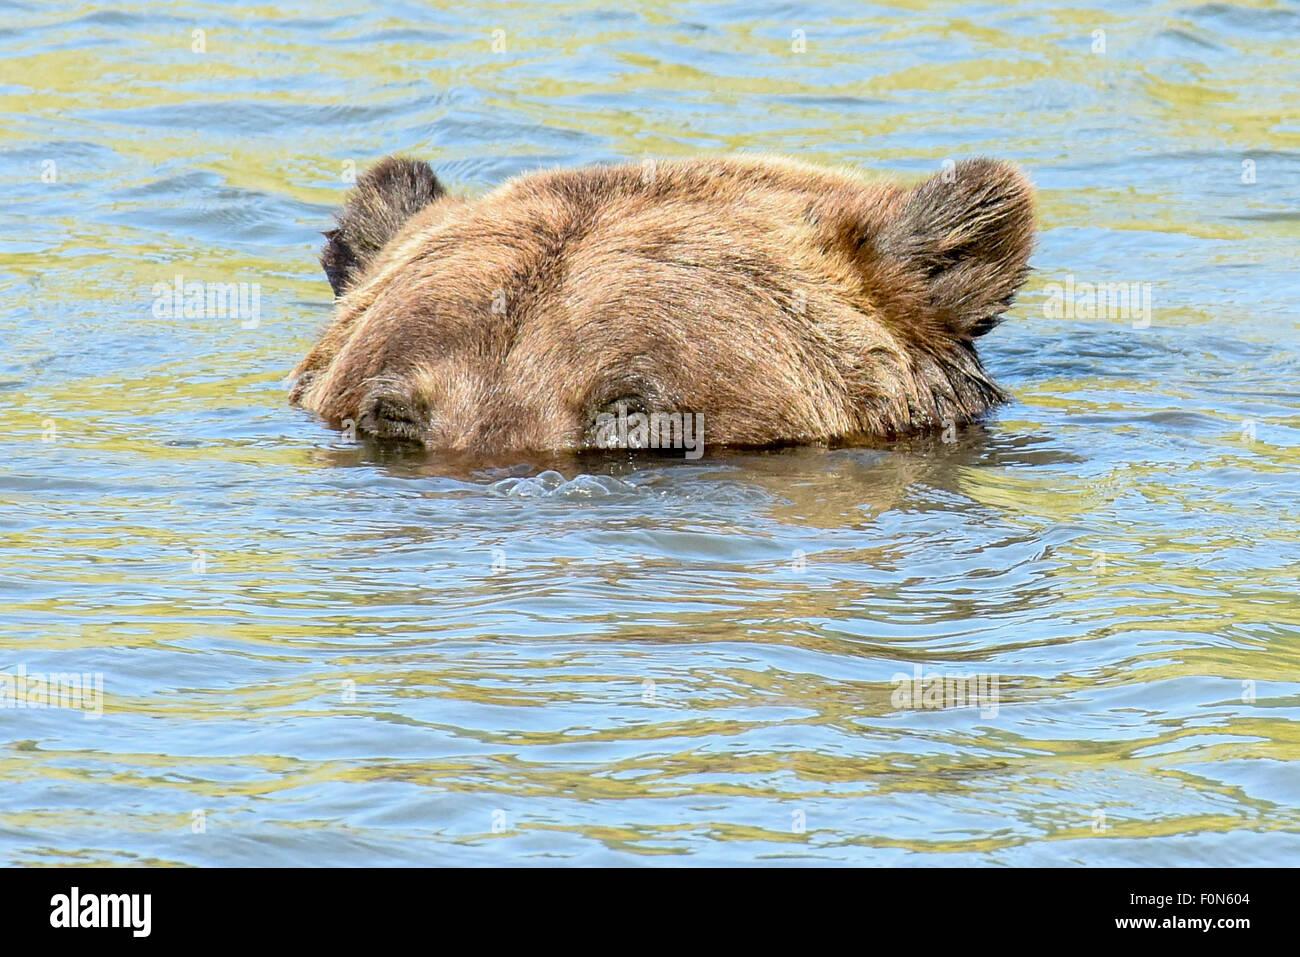 Un sommerso orso bruno / orso grizzly bolle soffia fuori il muso in un Alaskan Stream (nei pressi di ancoraggio) Immagini Stock